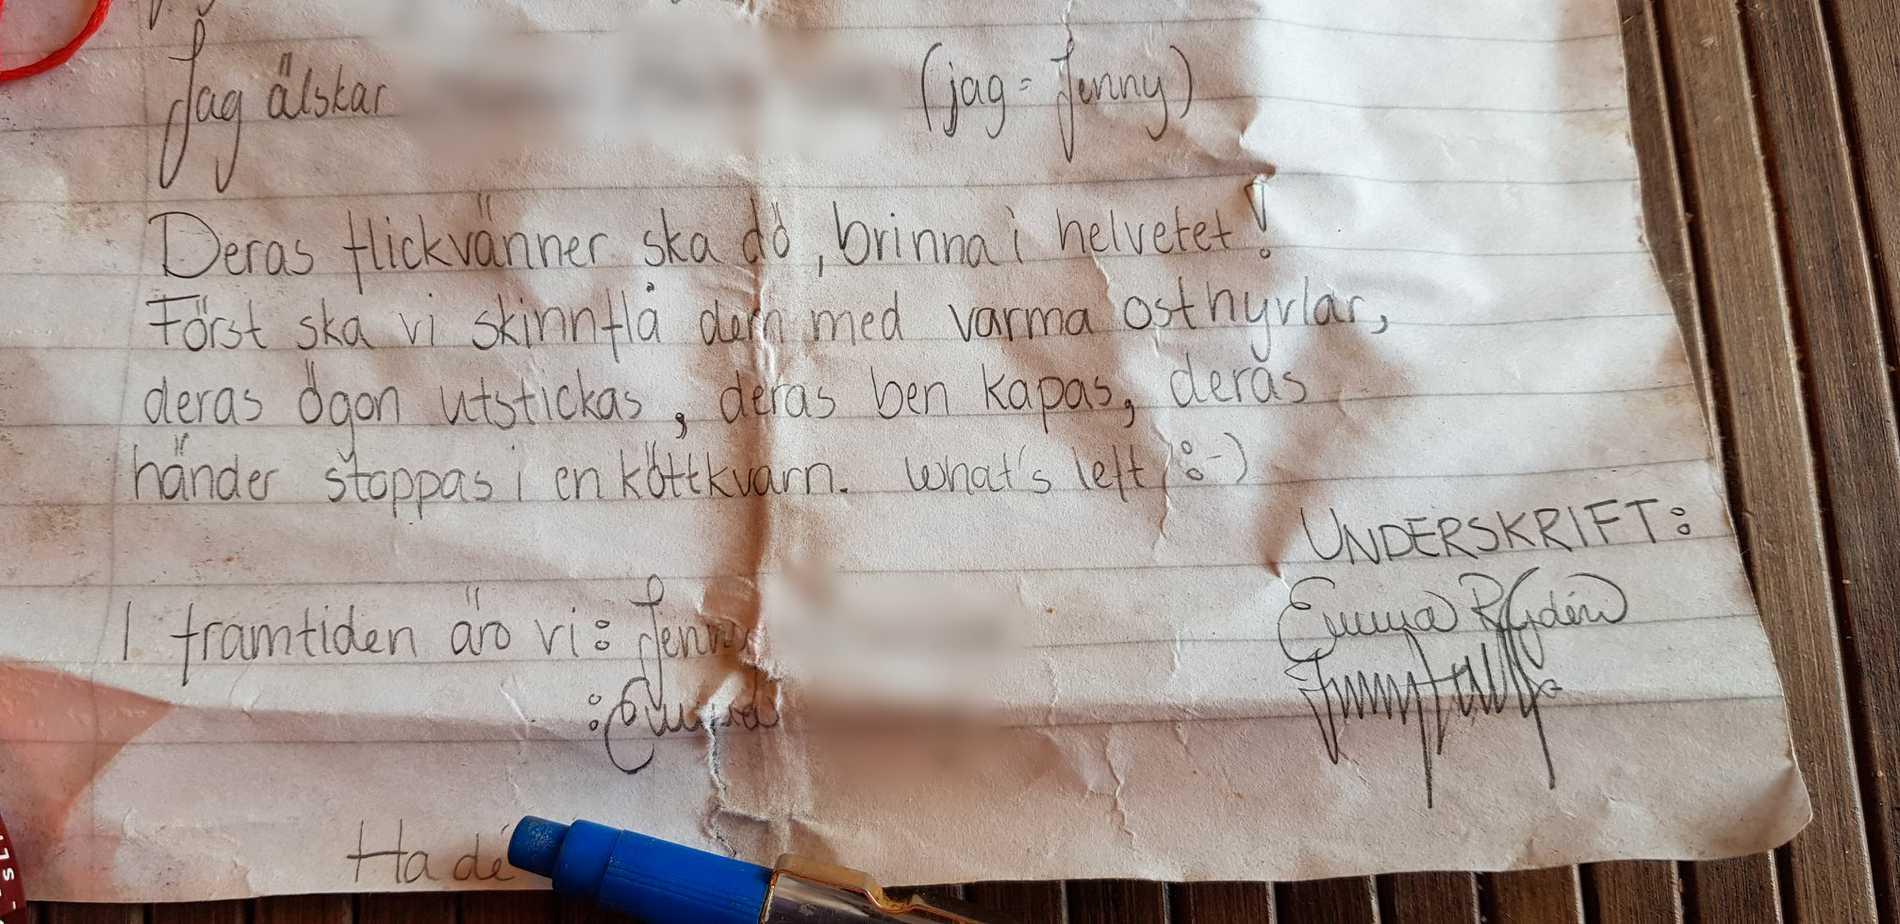 Brevet avslutas klassiskt med tjejernas signaturer.